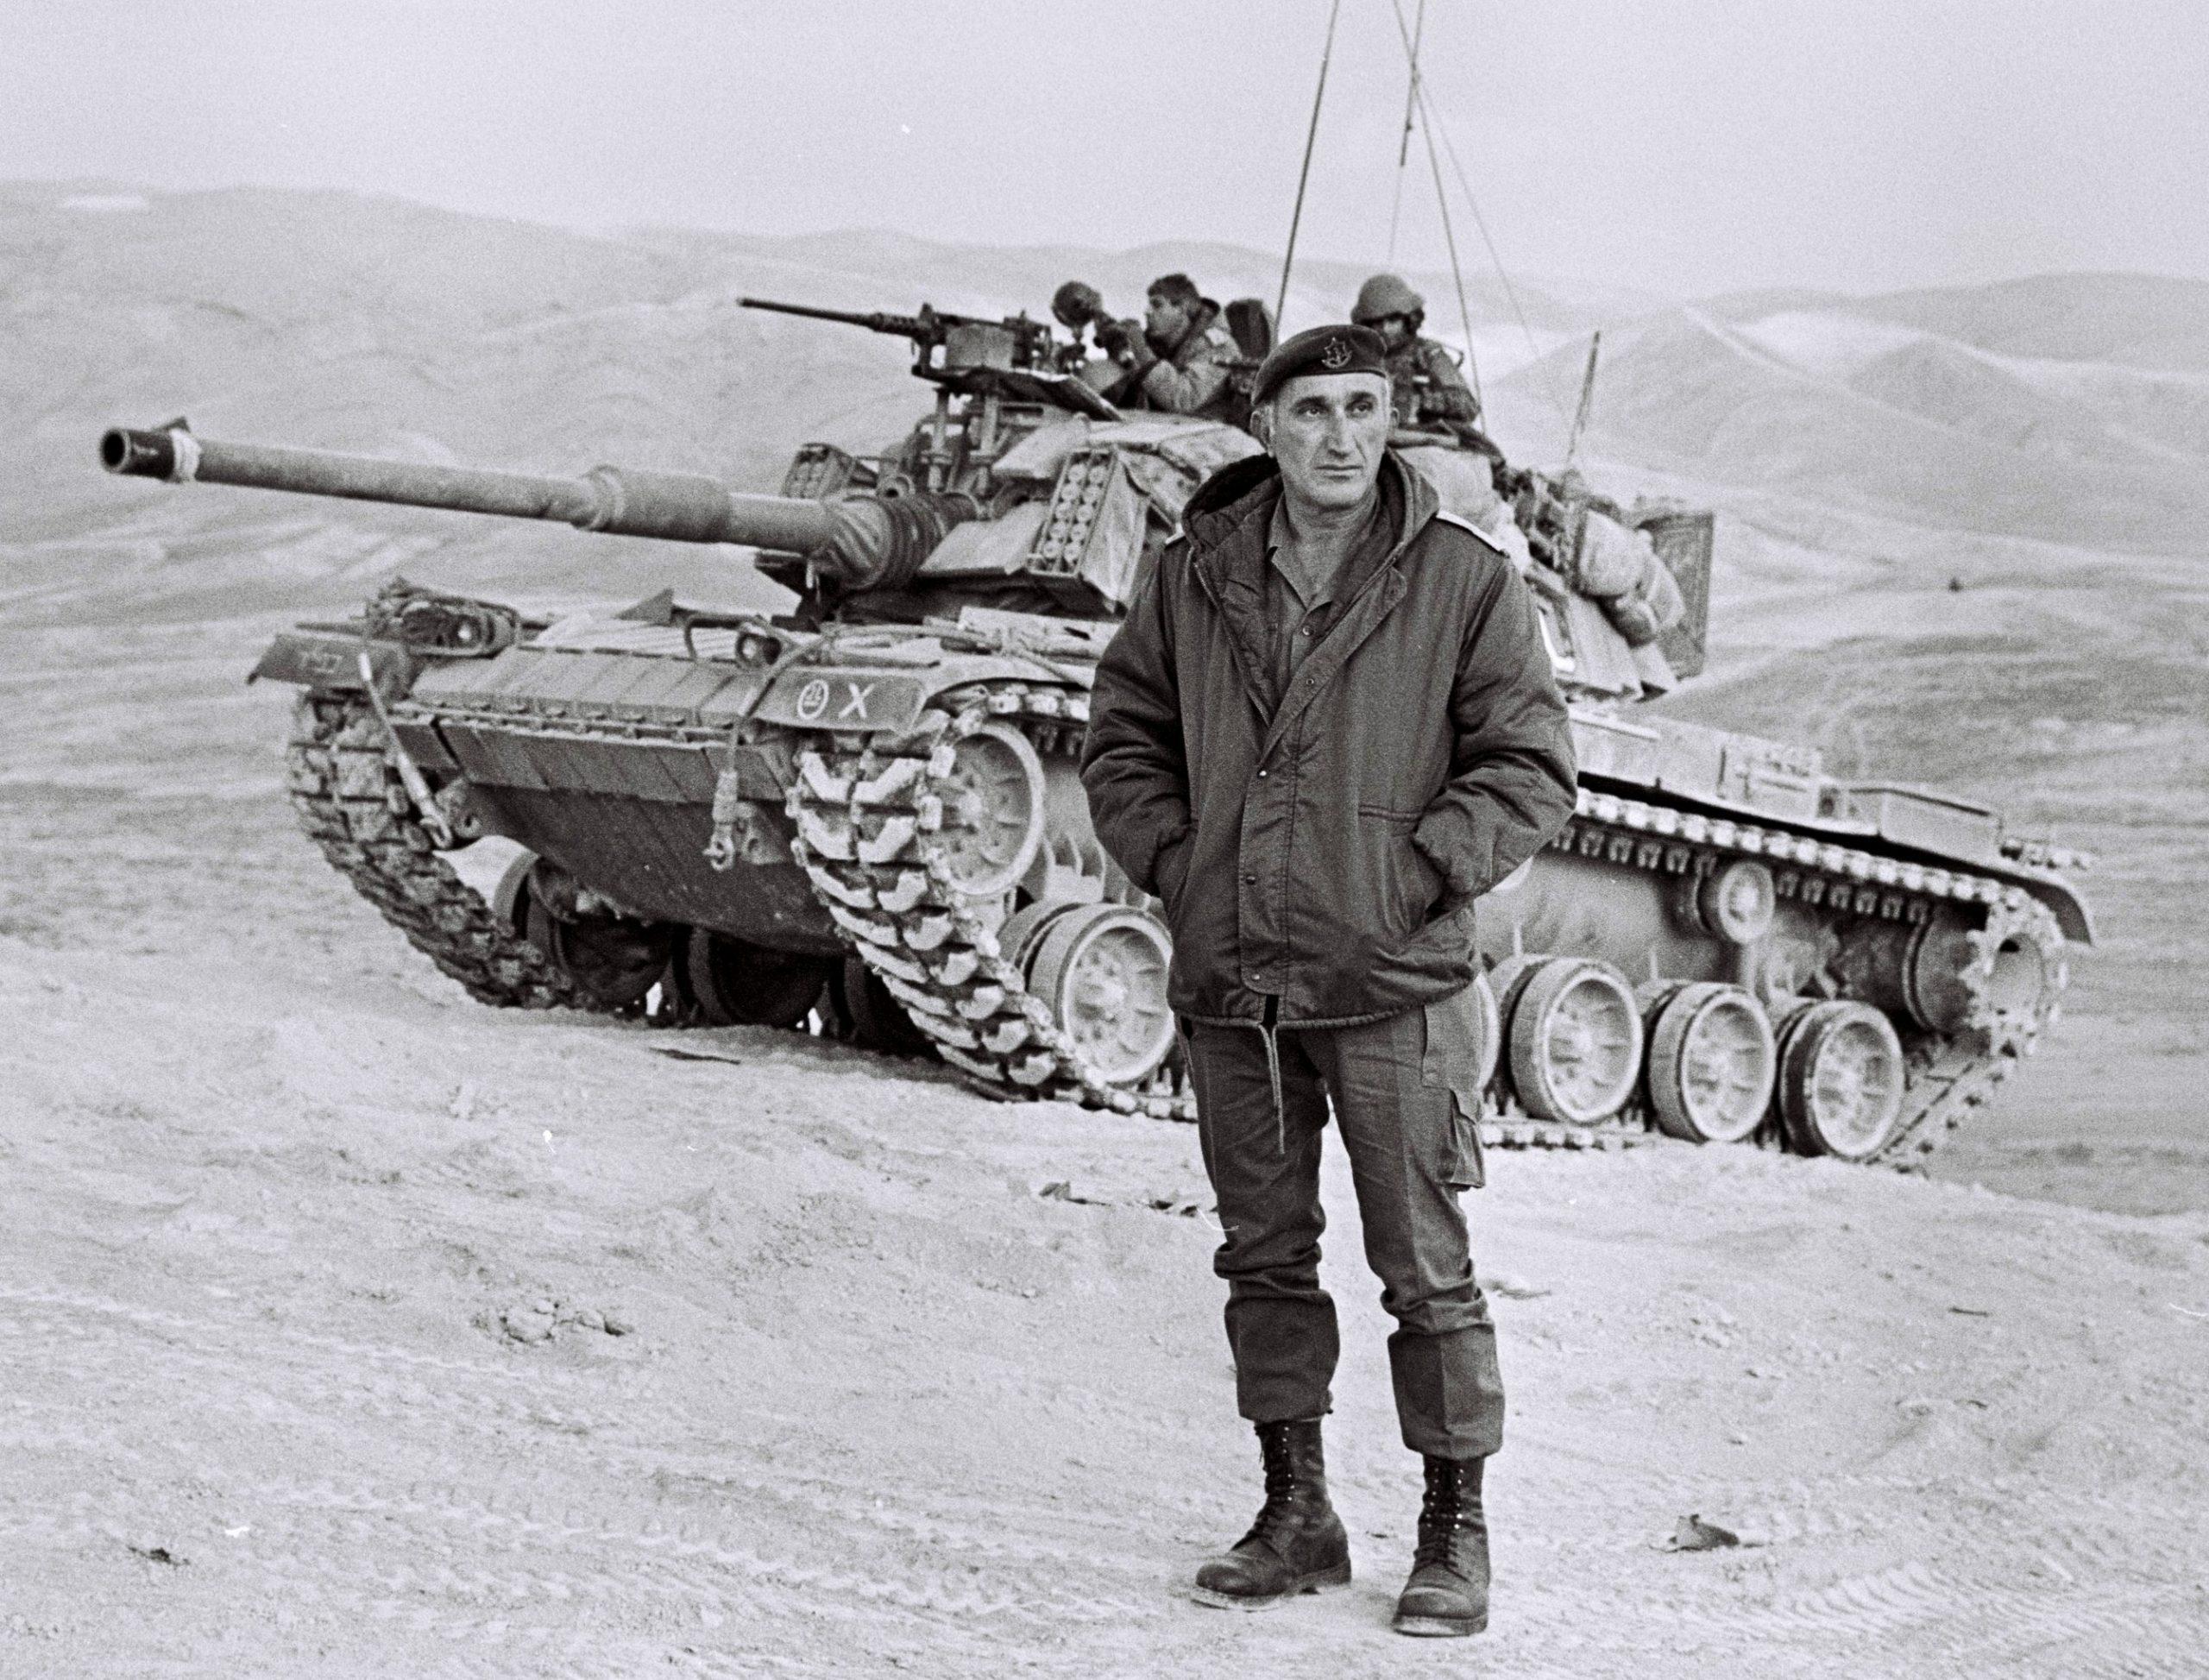 """טנק מגח 6ר של חטיבה 500 במהלך אימון בבקעת הירדן. בחזית, הרמטכ""""ל רב אלוף משה לוי ז""""ל. צילום: חטיבה 500"""